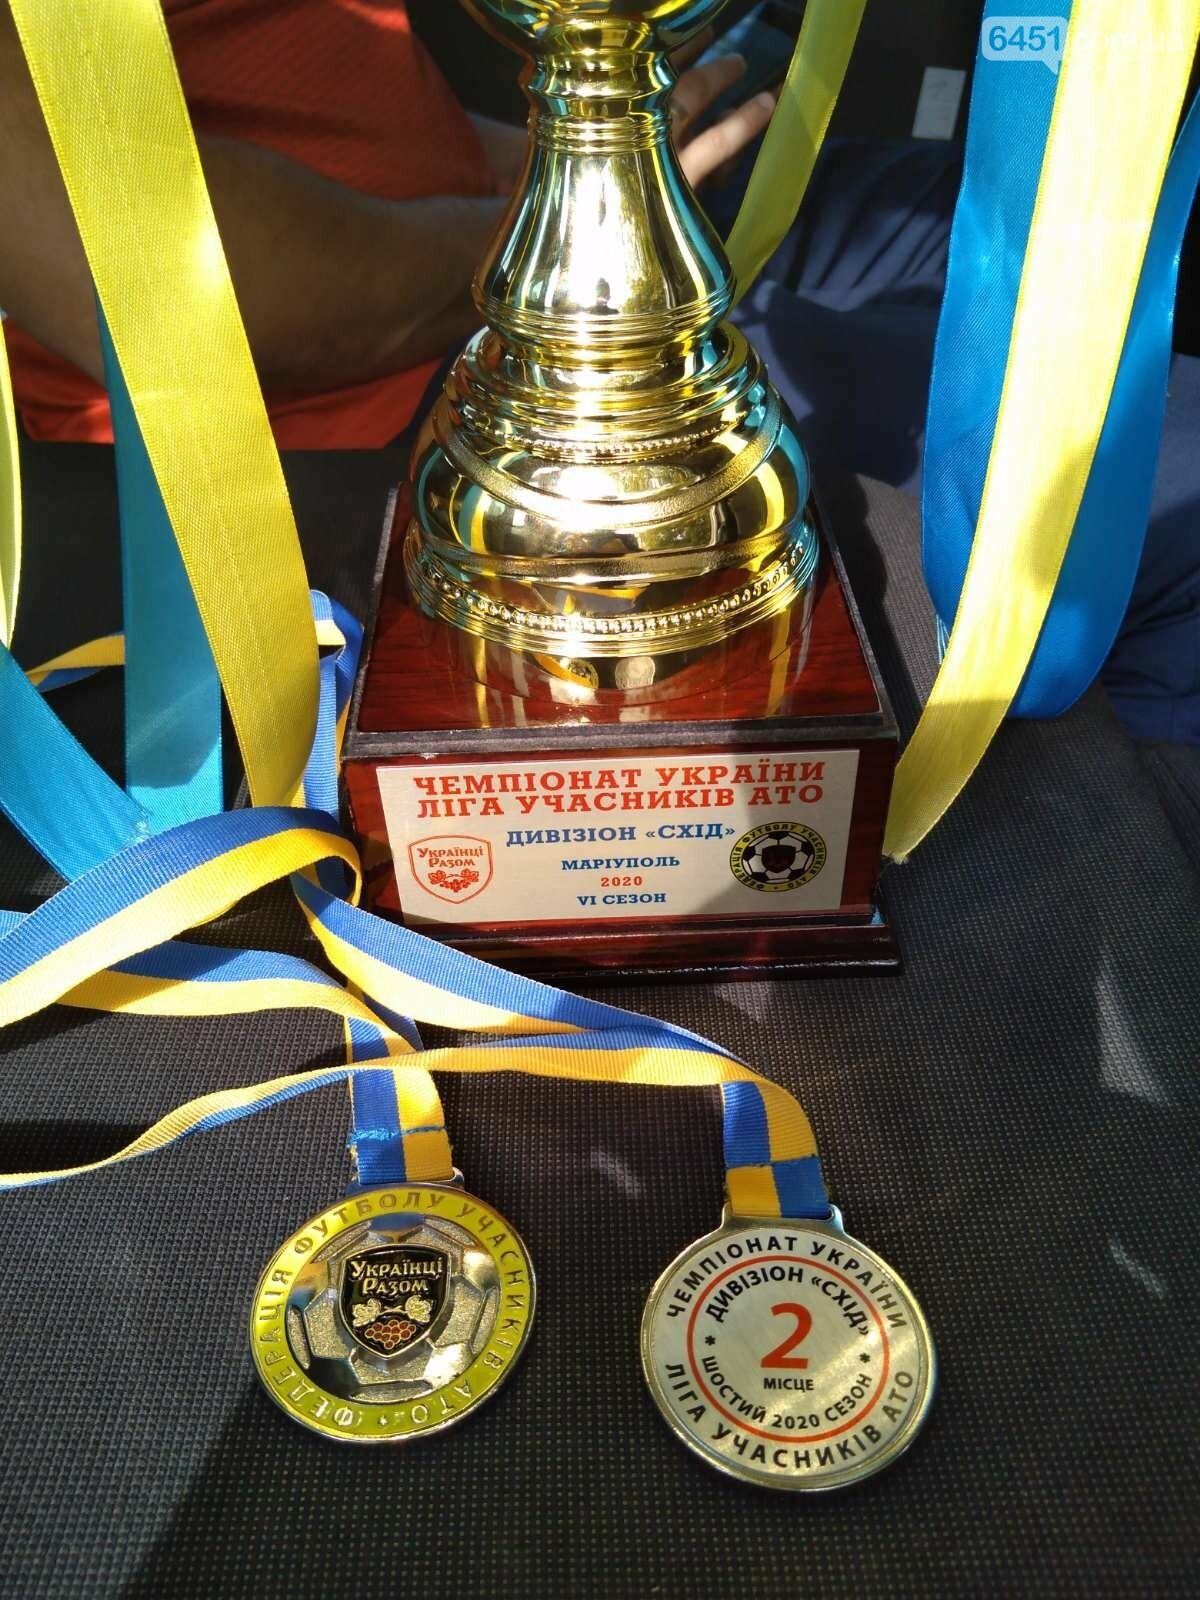 Спасатели Луганщины приняли участие в соревнованиях по футболу , фото-1